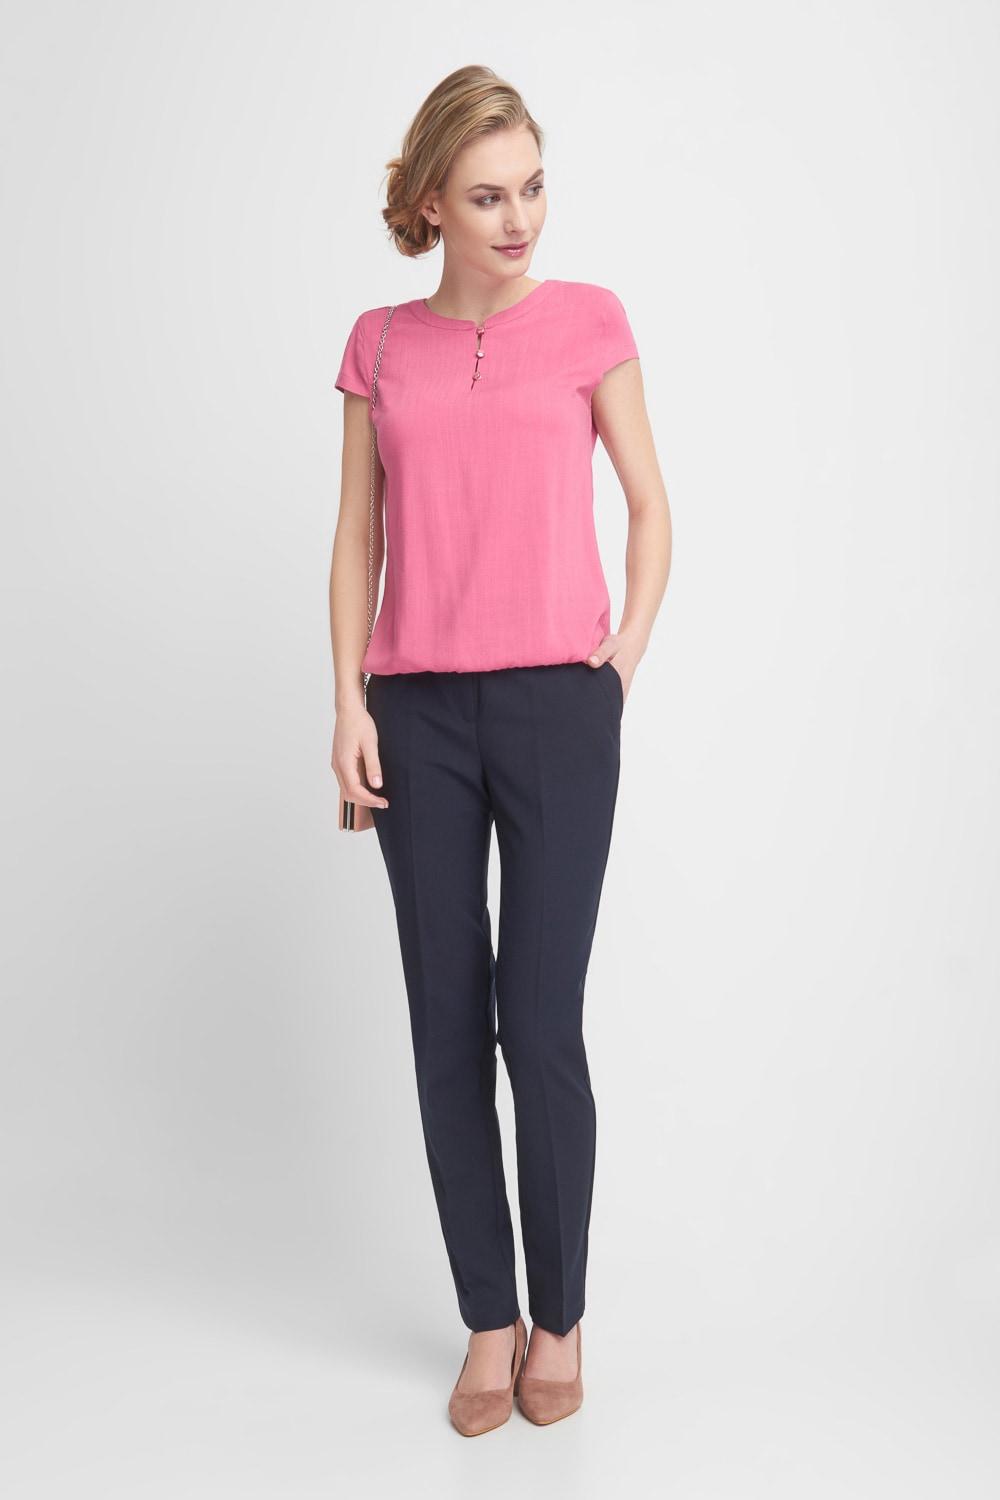 Granatowe eleganckie spodnie w kant